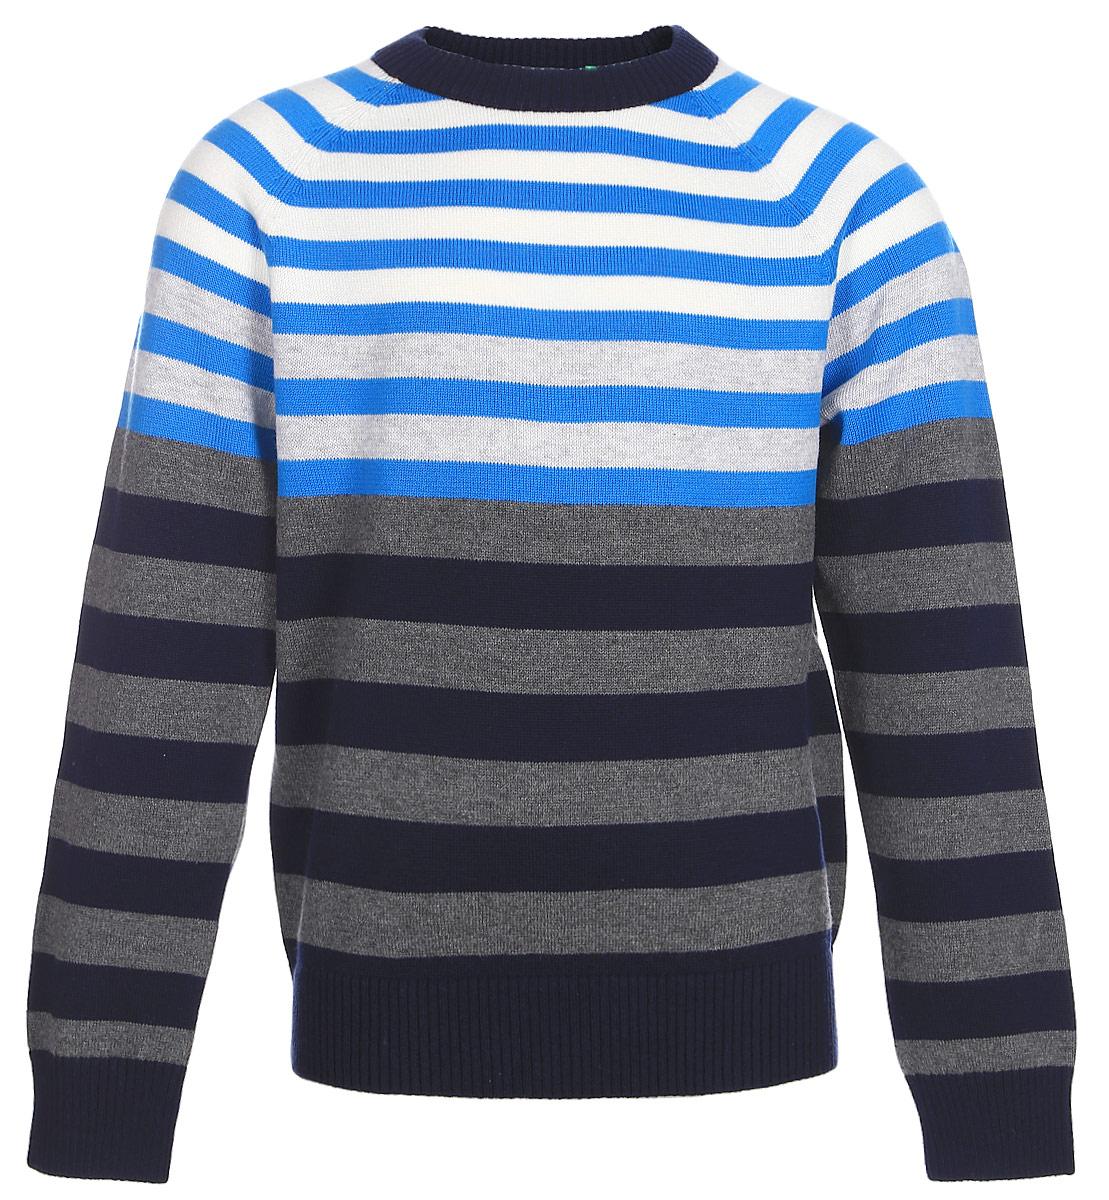 Джемпер для мальчика Sela, цвет: синий. JR-714/172-7310. Размер 116JR-714/172-7310Стильный джемпер для мальчика Sela поможет создать модный образ и станет отличным дополнением повседневного гардероба. Модель прямого кроя с длинными рукавами-реглан изготовлена из натурального хлопкового трикотажа мелкой вязки в полоску. Круглый вырез горловины, манжеты рукавов и низ изделия связаны резинкой. Модель подойдет для прогулок и дружеских встреч и будет отлично сочетаться с джинсами и брюками.